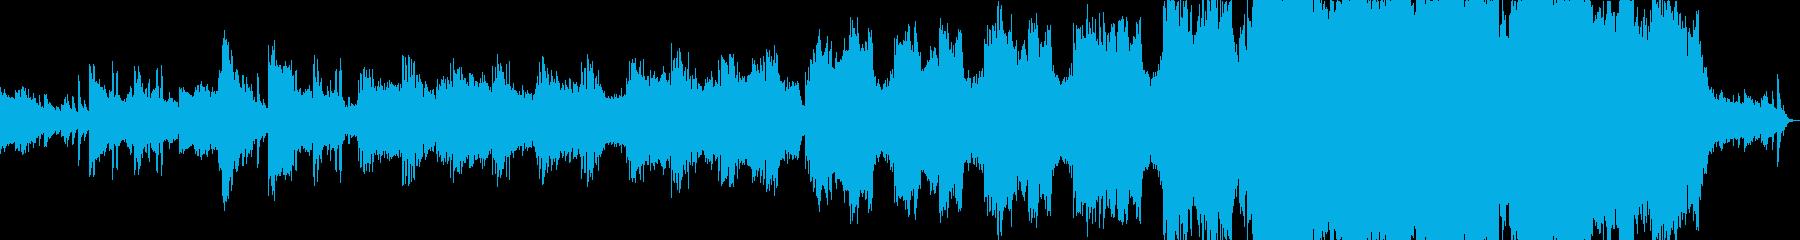 雄大な映画音楽的BGMの再生済みの波形